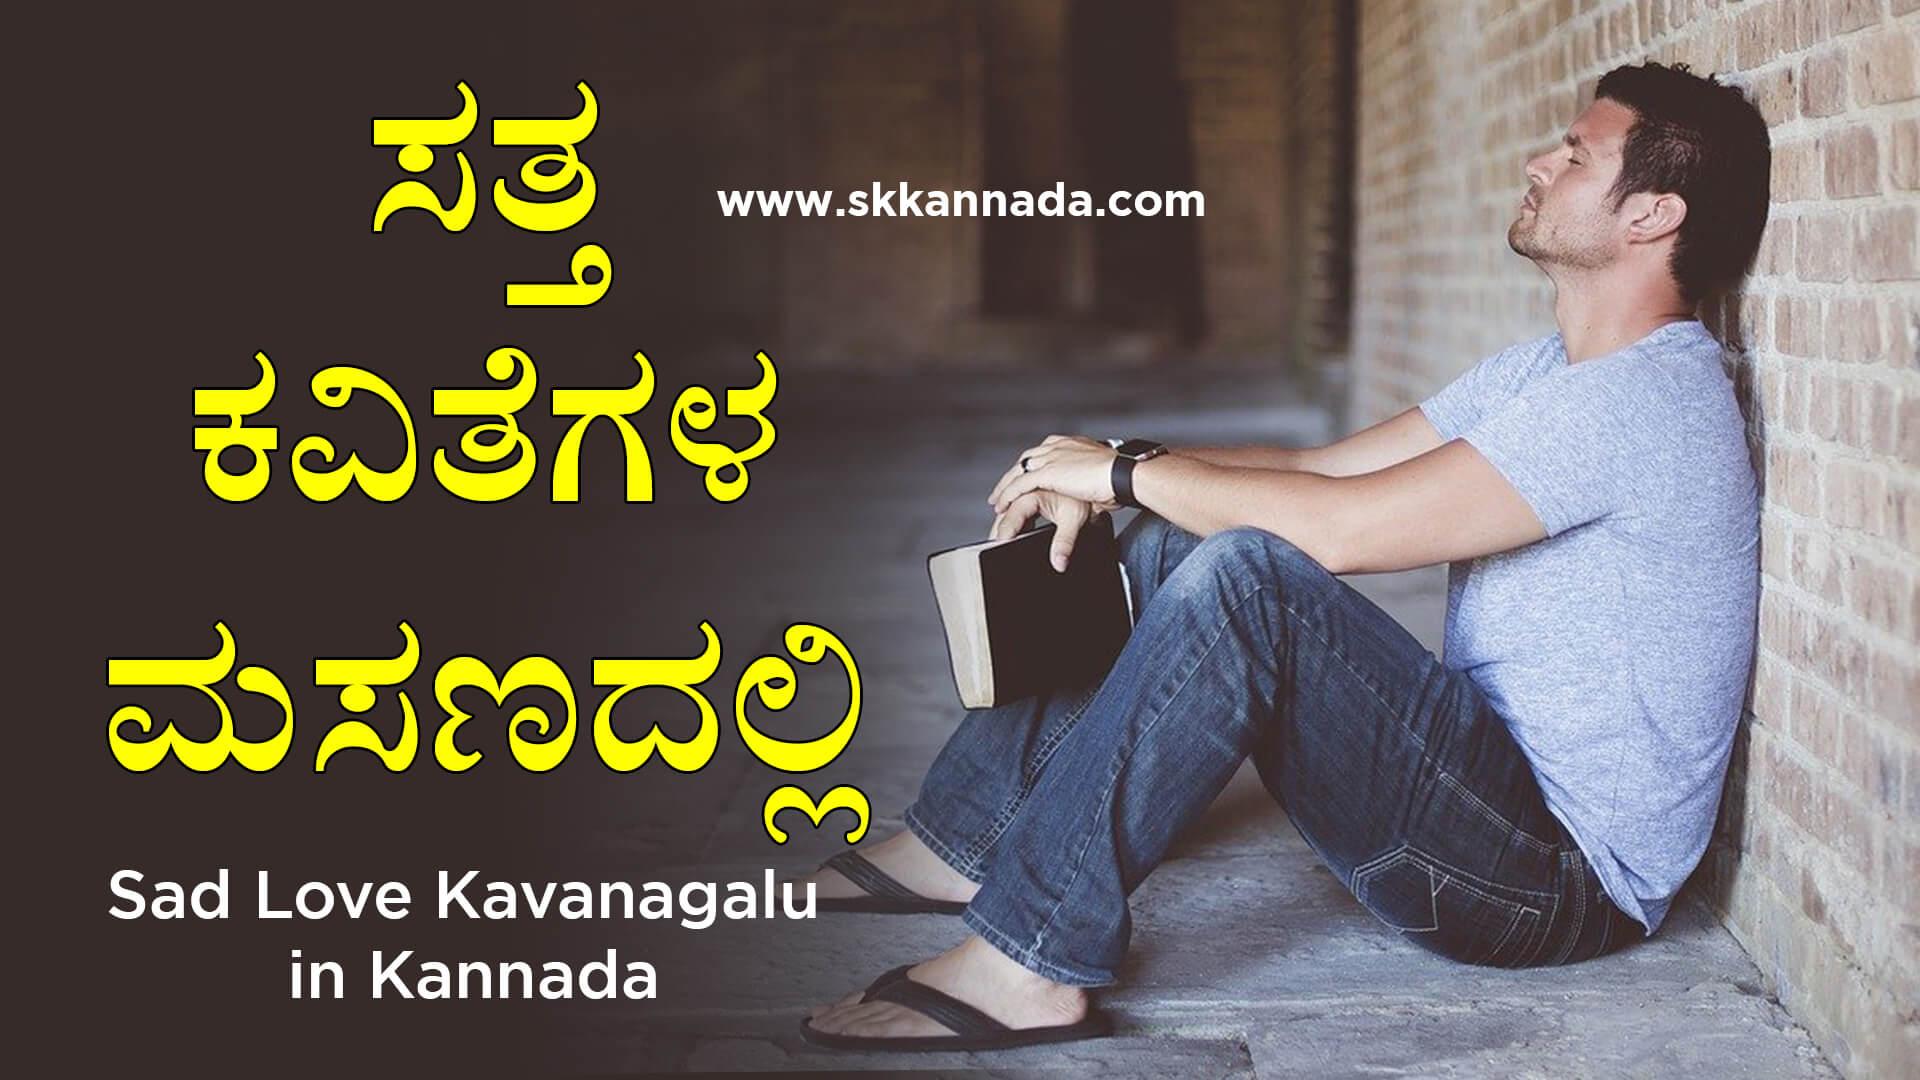 ಸತ್ತ ಕವಿತೆಗಳ ಮಸಣದಲ್ಲಿ - Sad Love Kavanagalu in Kannada